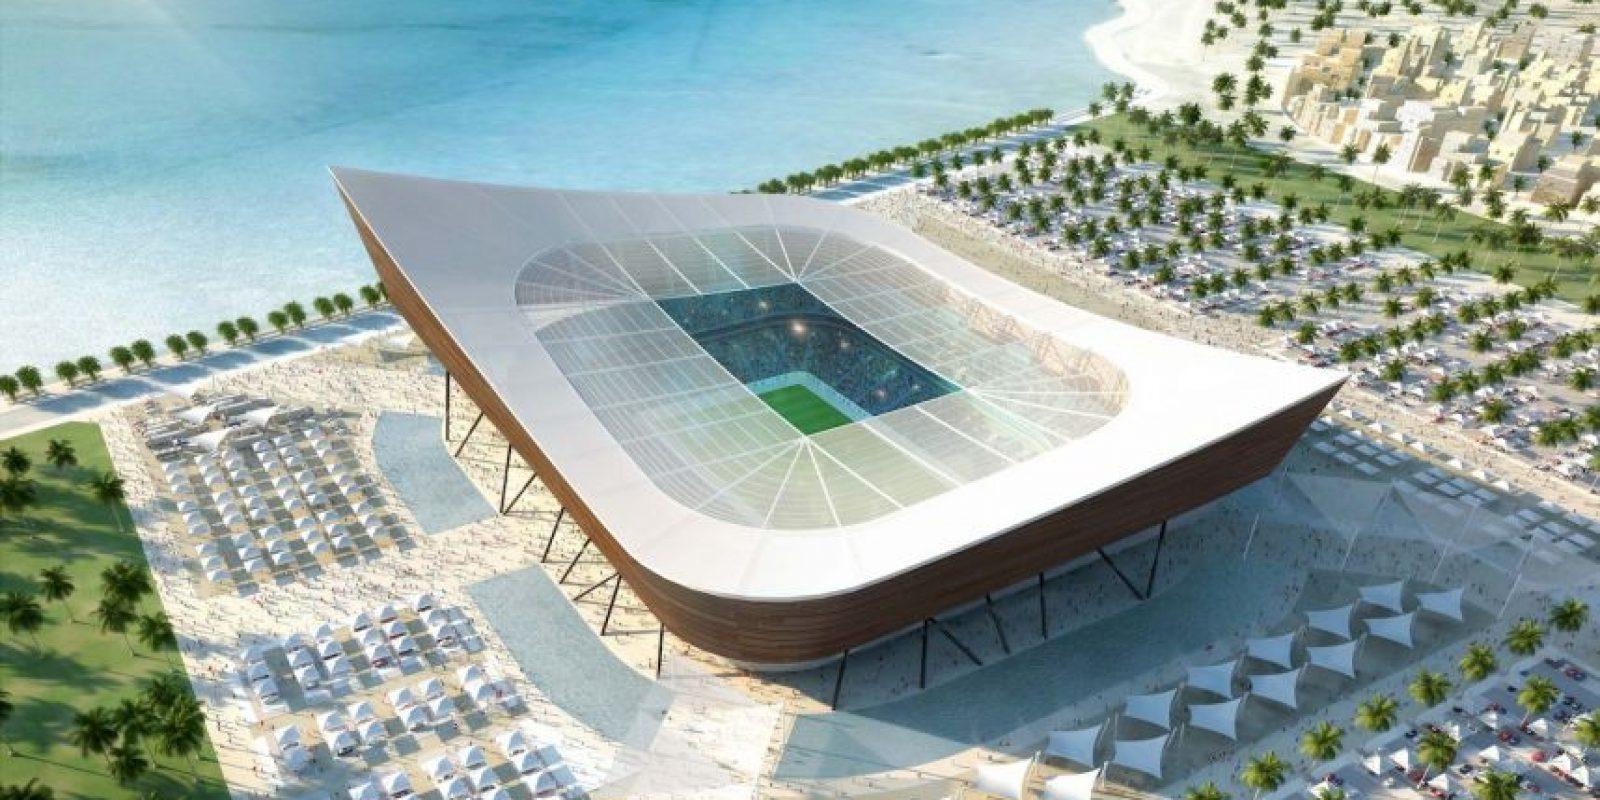 Sin embargo, un reporte del gobierno de Qatar, publicado por The Washington Post, menciona que solo han muerto 964 personas, que son migrantes y que no tienen relación con la construcción de estadios Foto:Getty Images